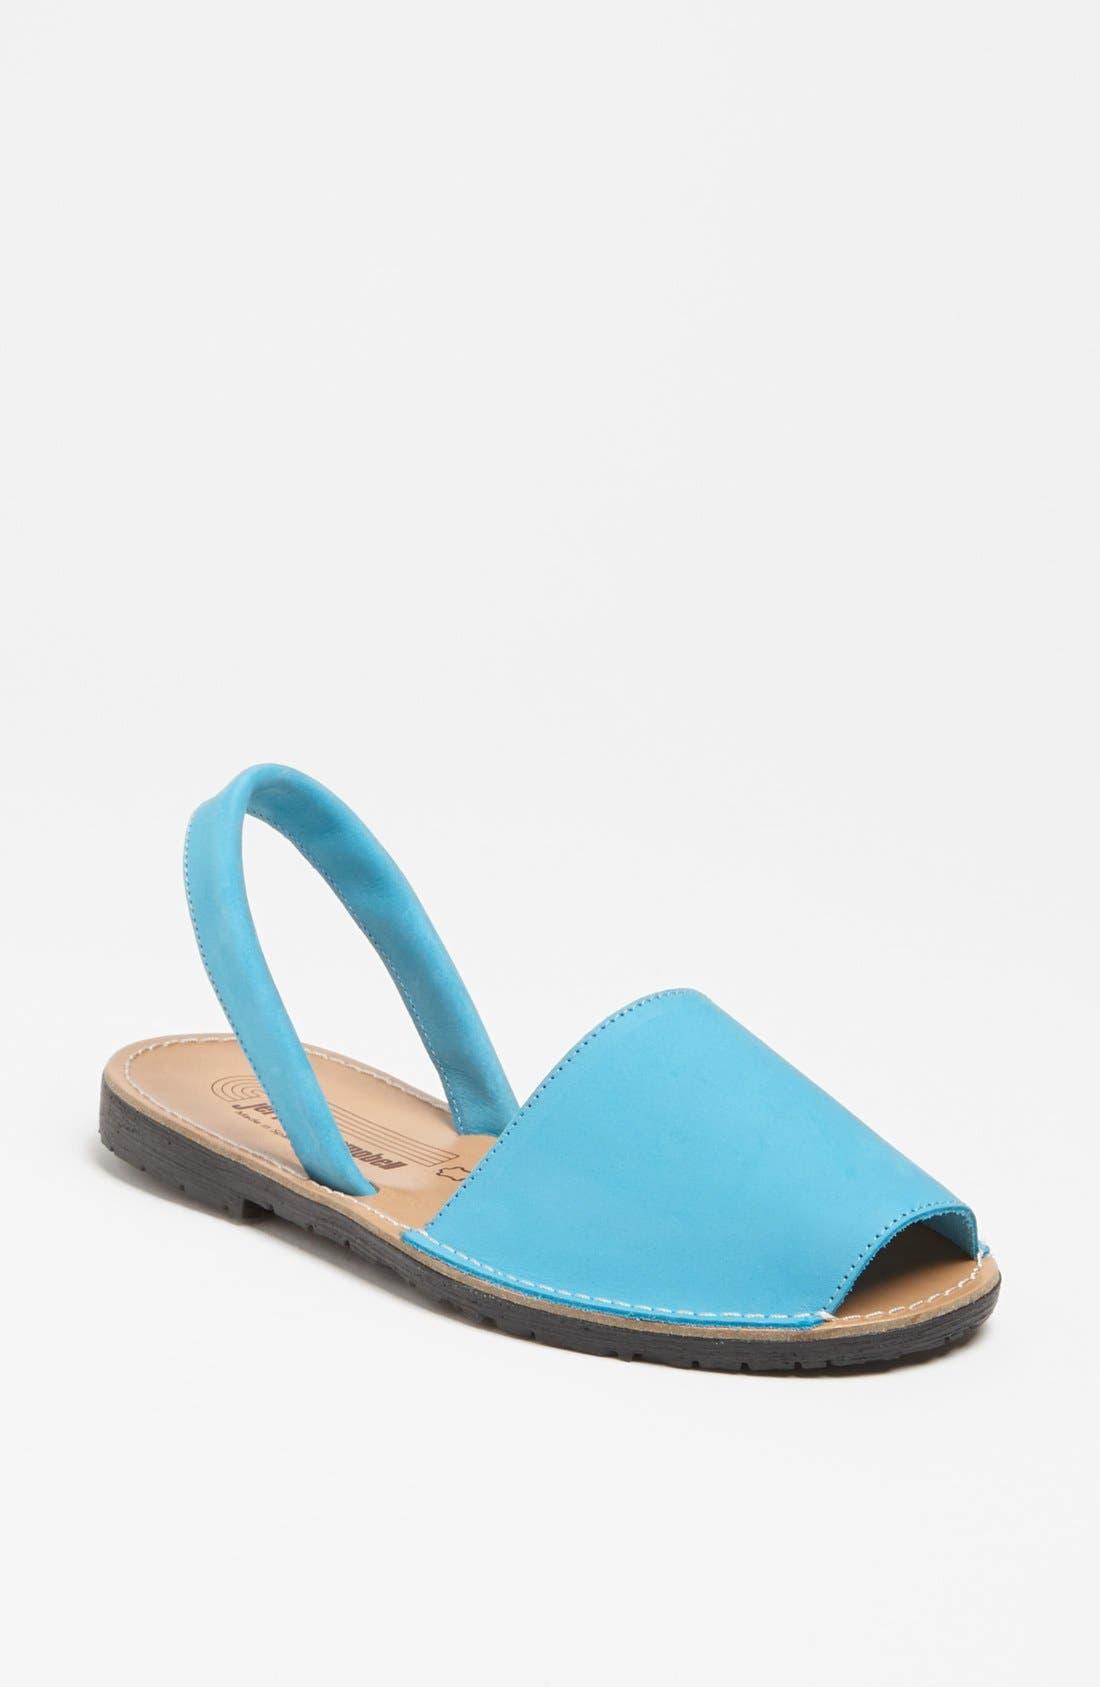 Main Image - Jeffrey Campbell 'Ibiza' Nubuck Leather Sandal